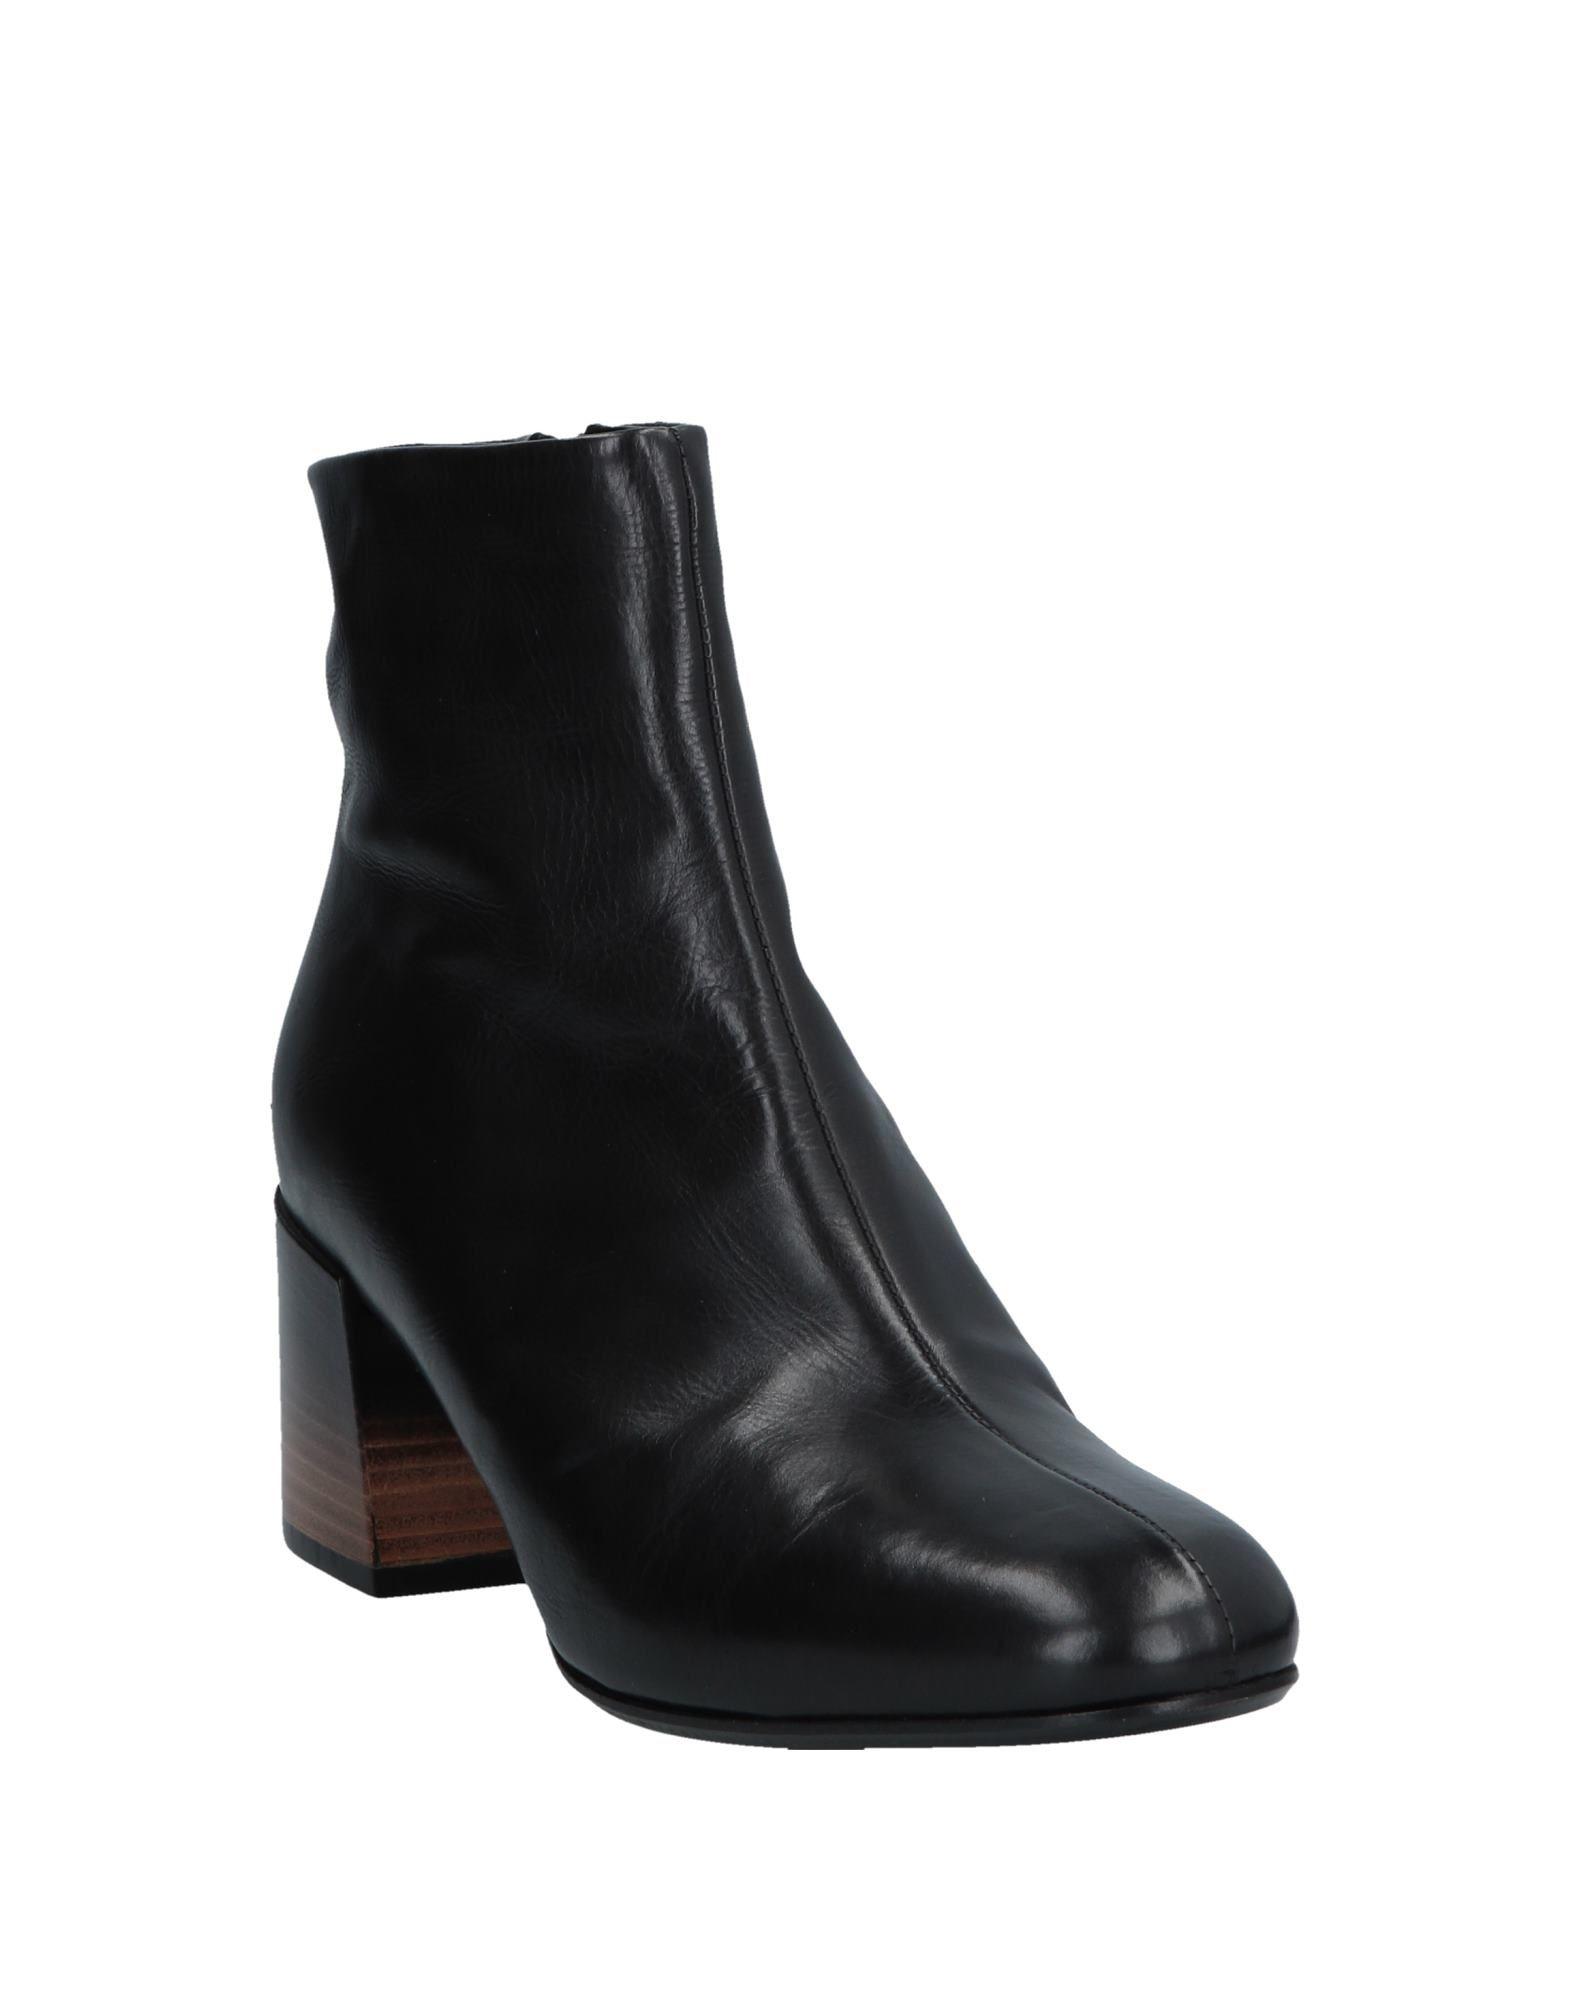 Stilvolle billige Schuhe Alberto Fermani 11560463HJ Stiefelette Damen  11560463HJ Fermani 07d157